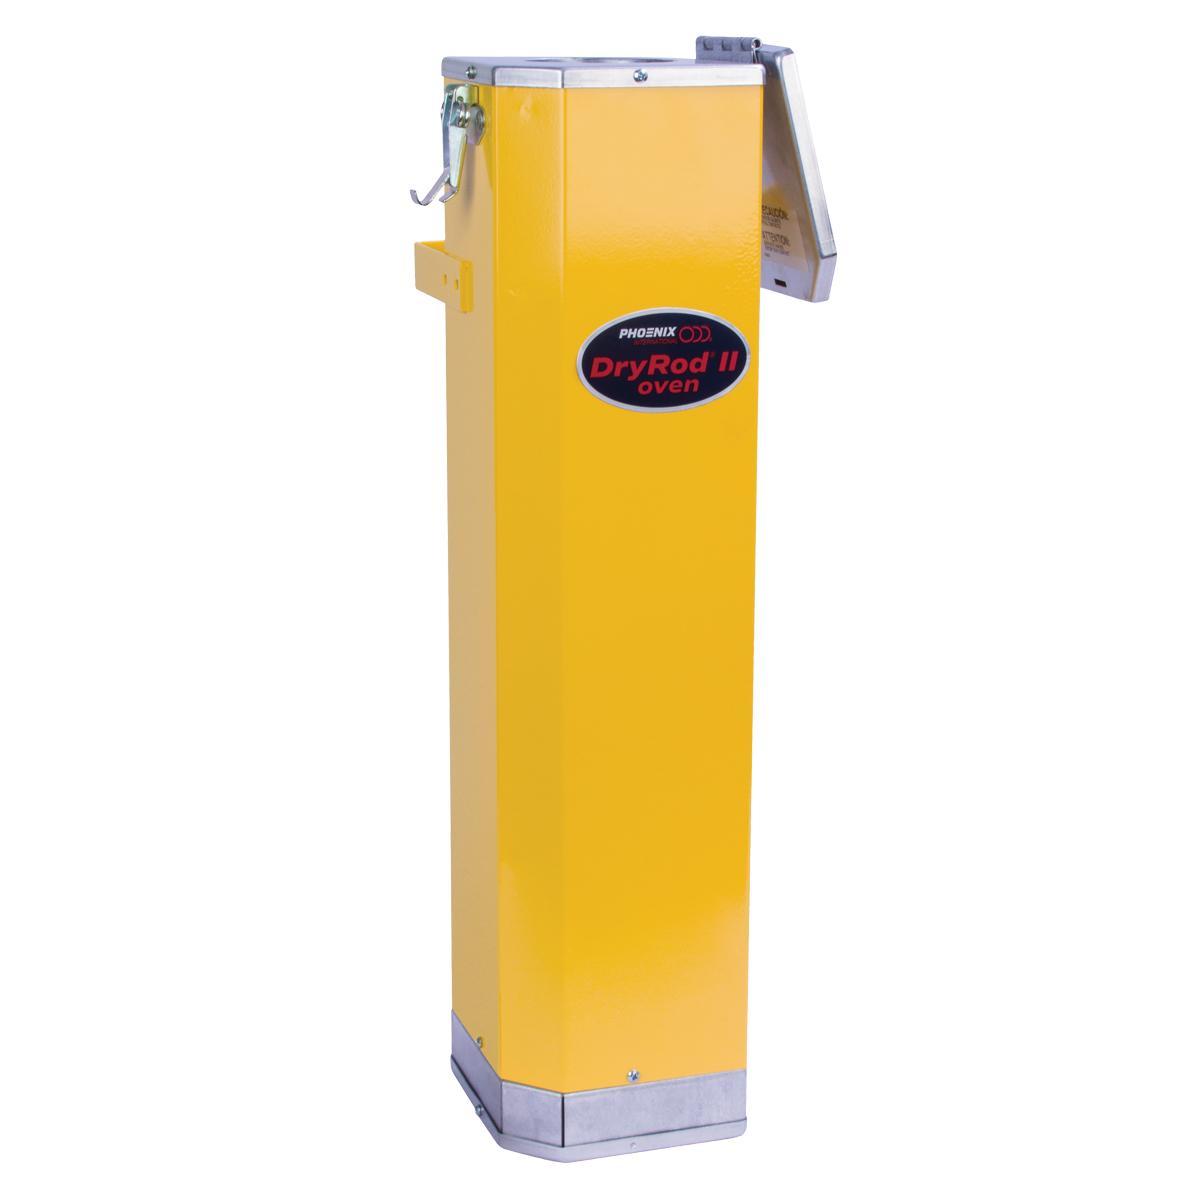 Type 1 - 120-240V Portable Oven  10 lb (5 kg) Capacity  300 degreesF (150 degreesC)